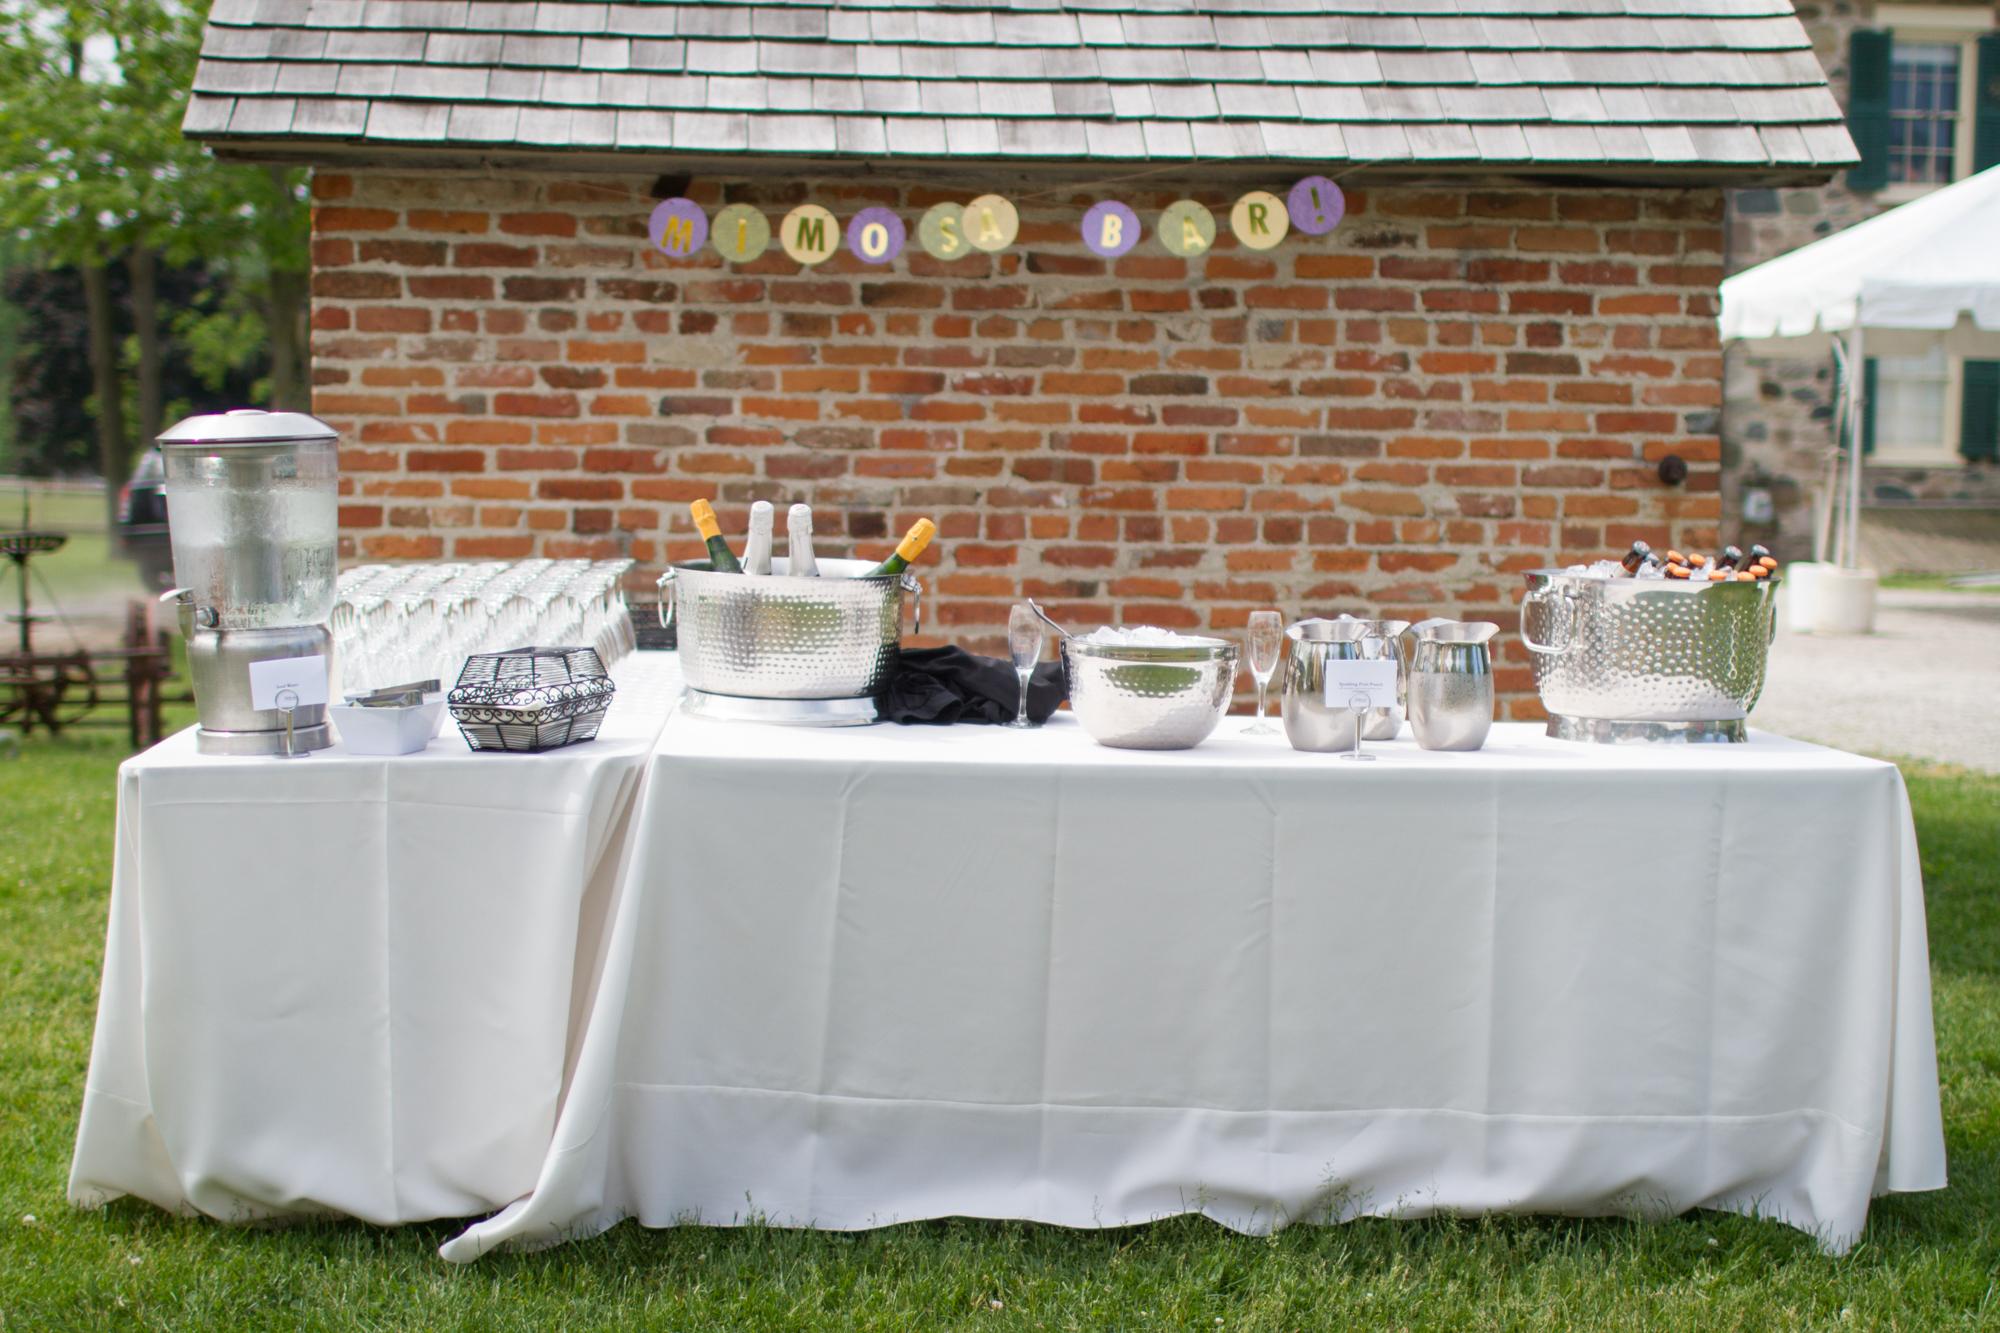 Mimosa bar at a Sunday afternoon wedding